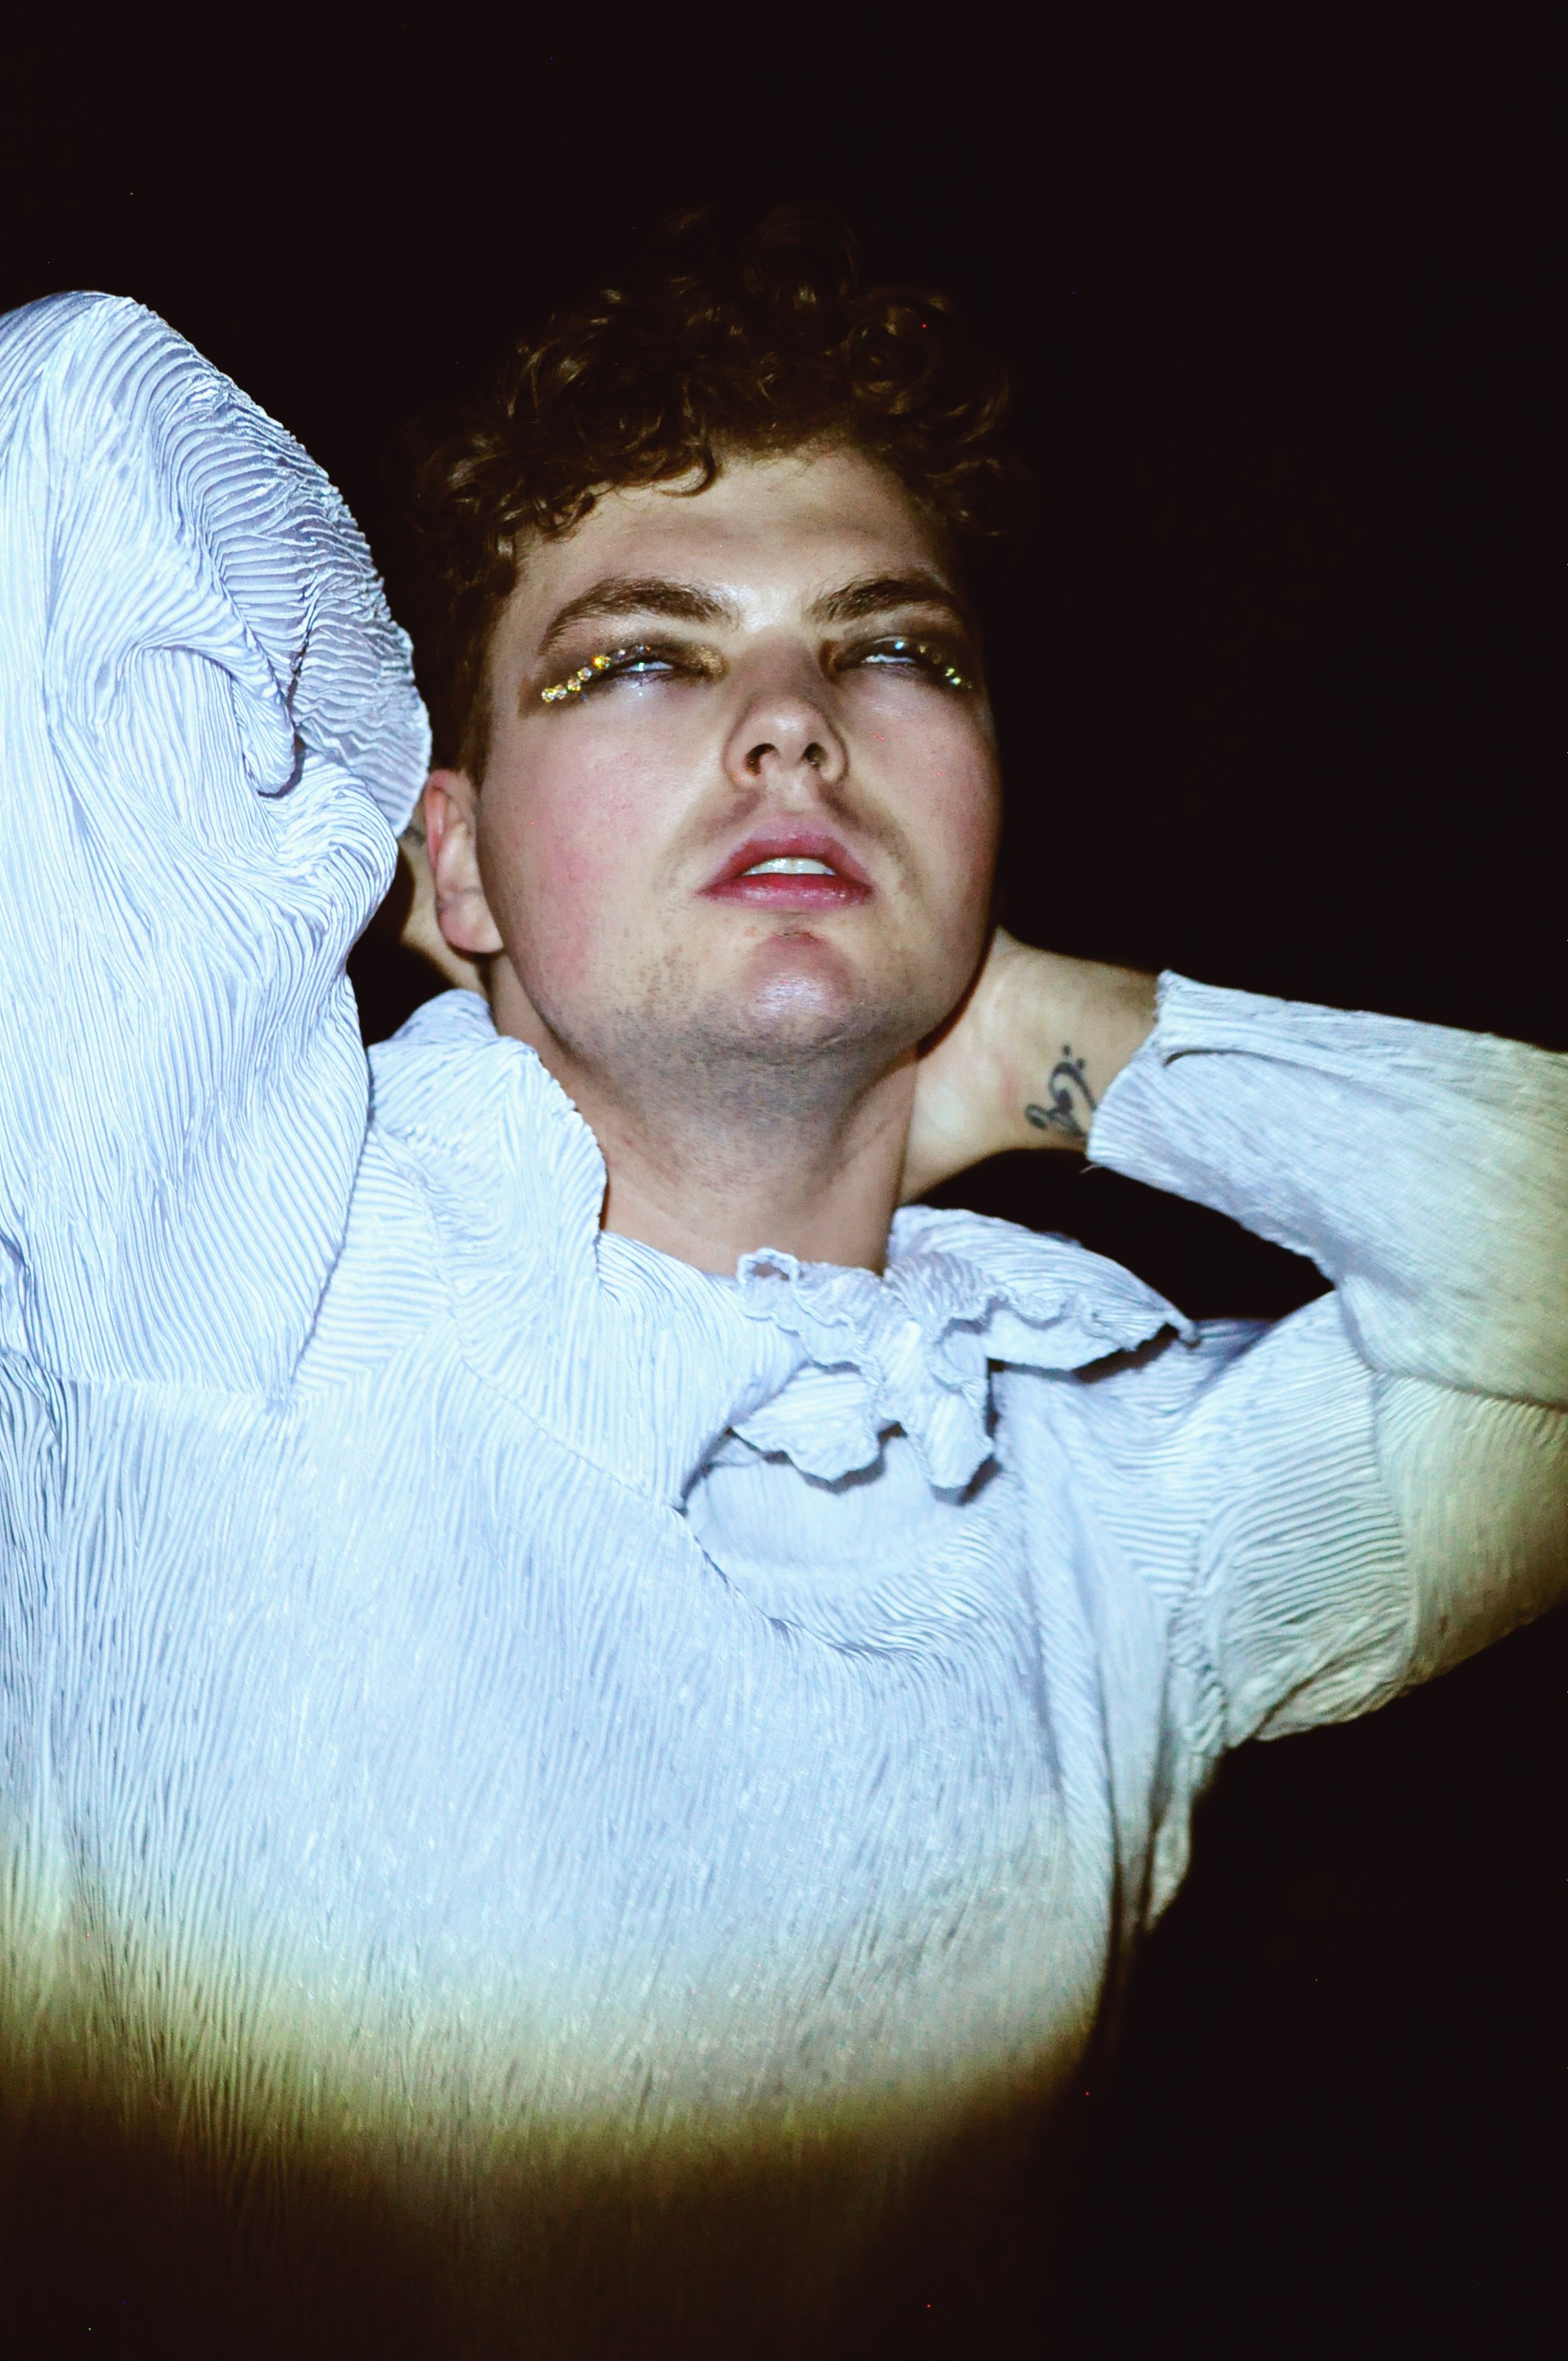 Photo by Britta Hawkins